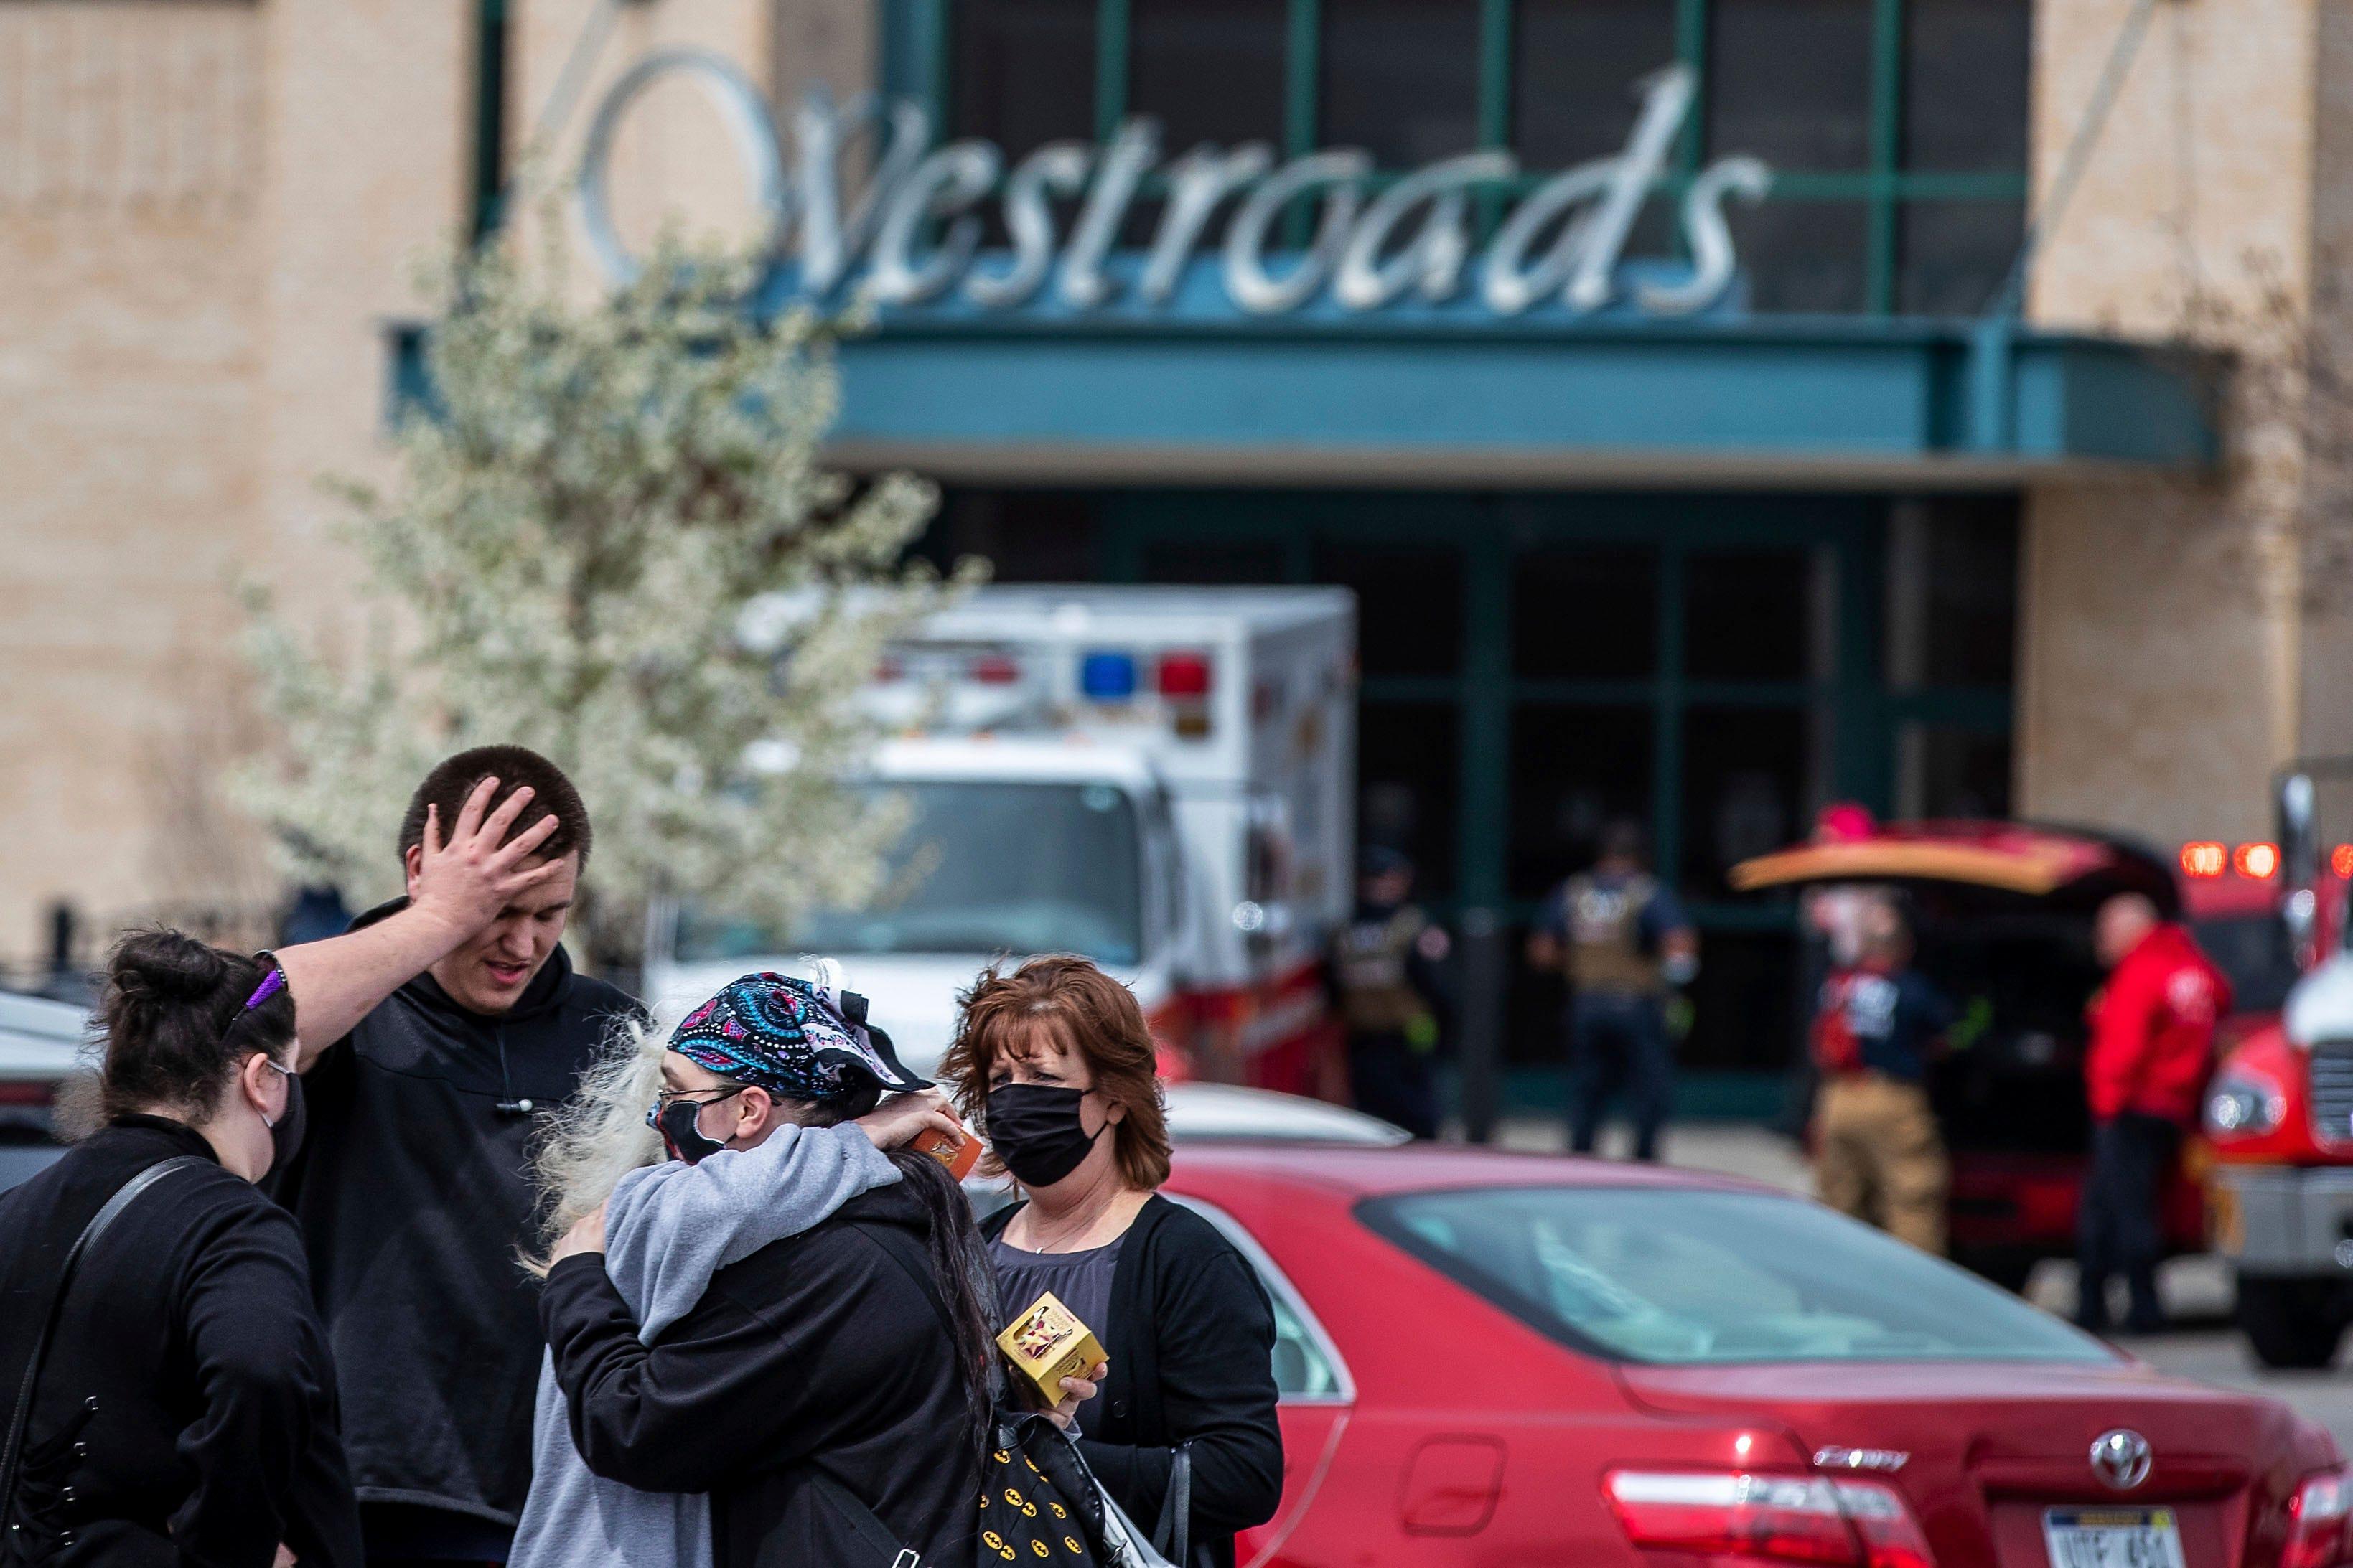 Teen arrested on murder warrant in Nebraska mall shooting 1